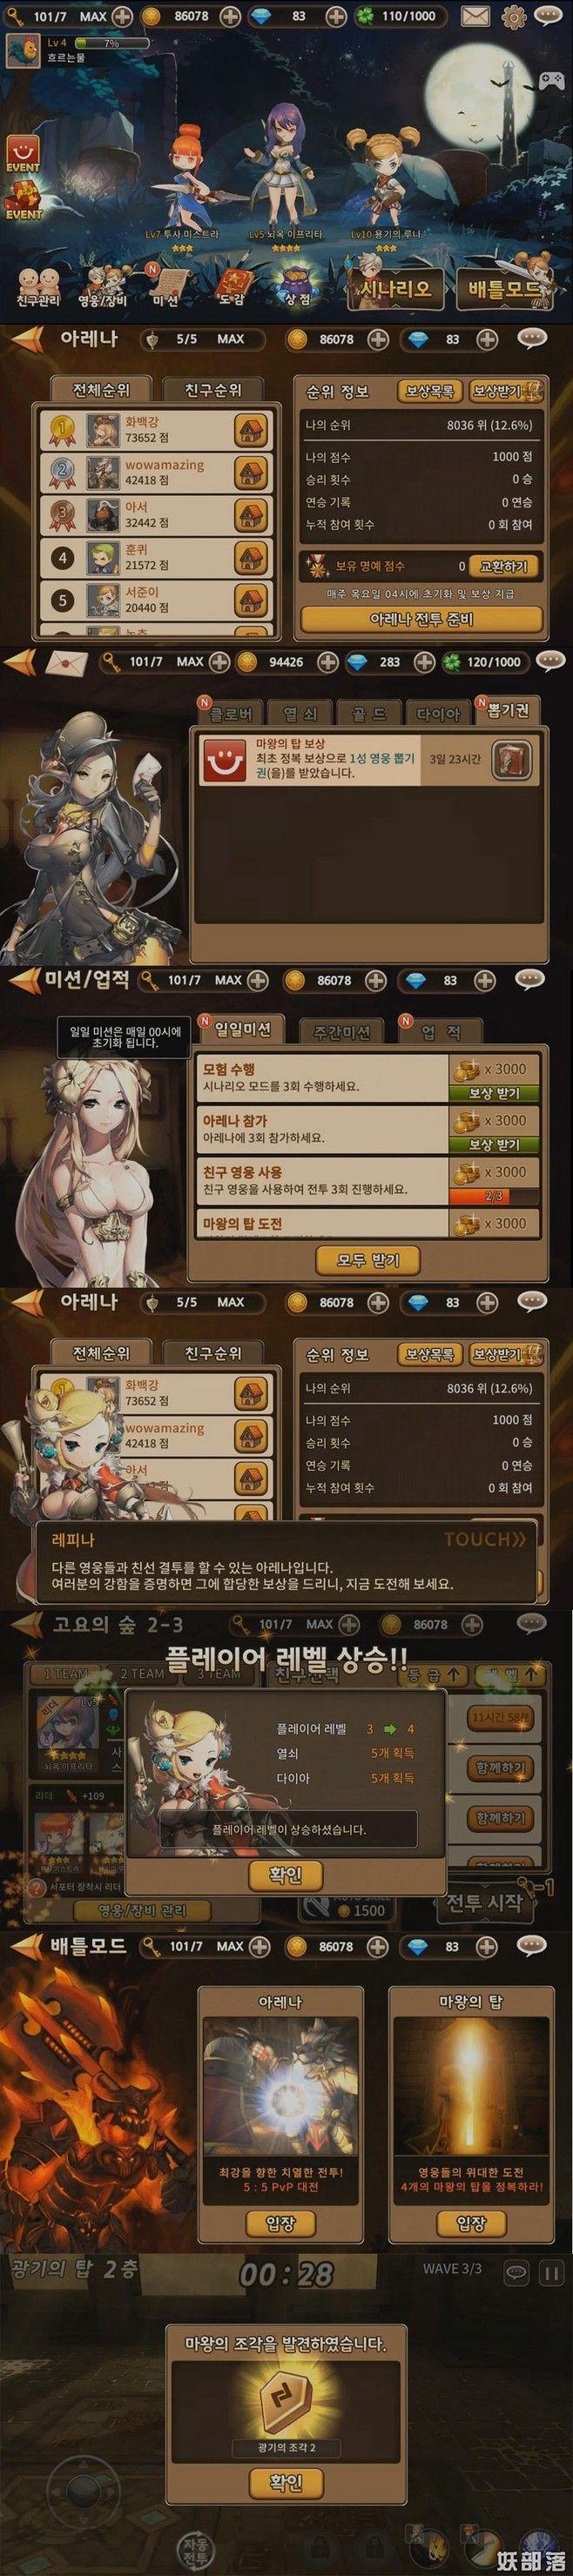 追魂者(소울시커) 动作RPG - 妖游...